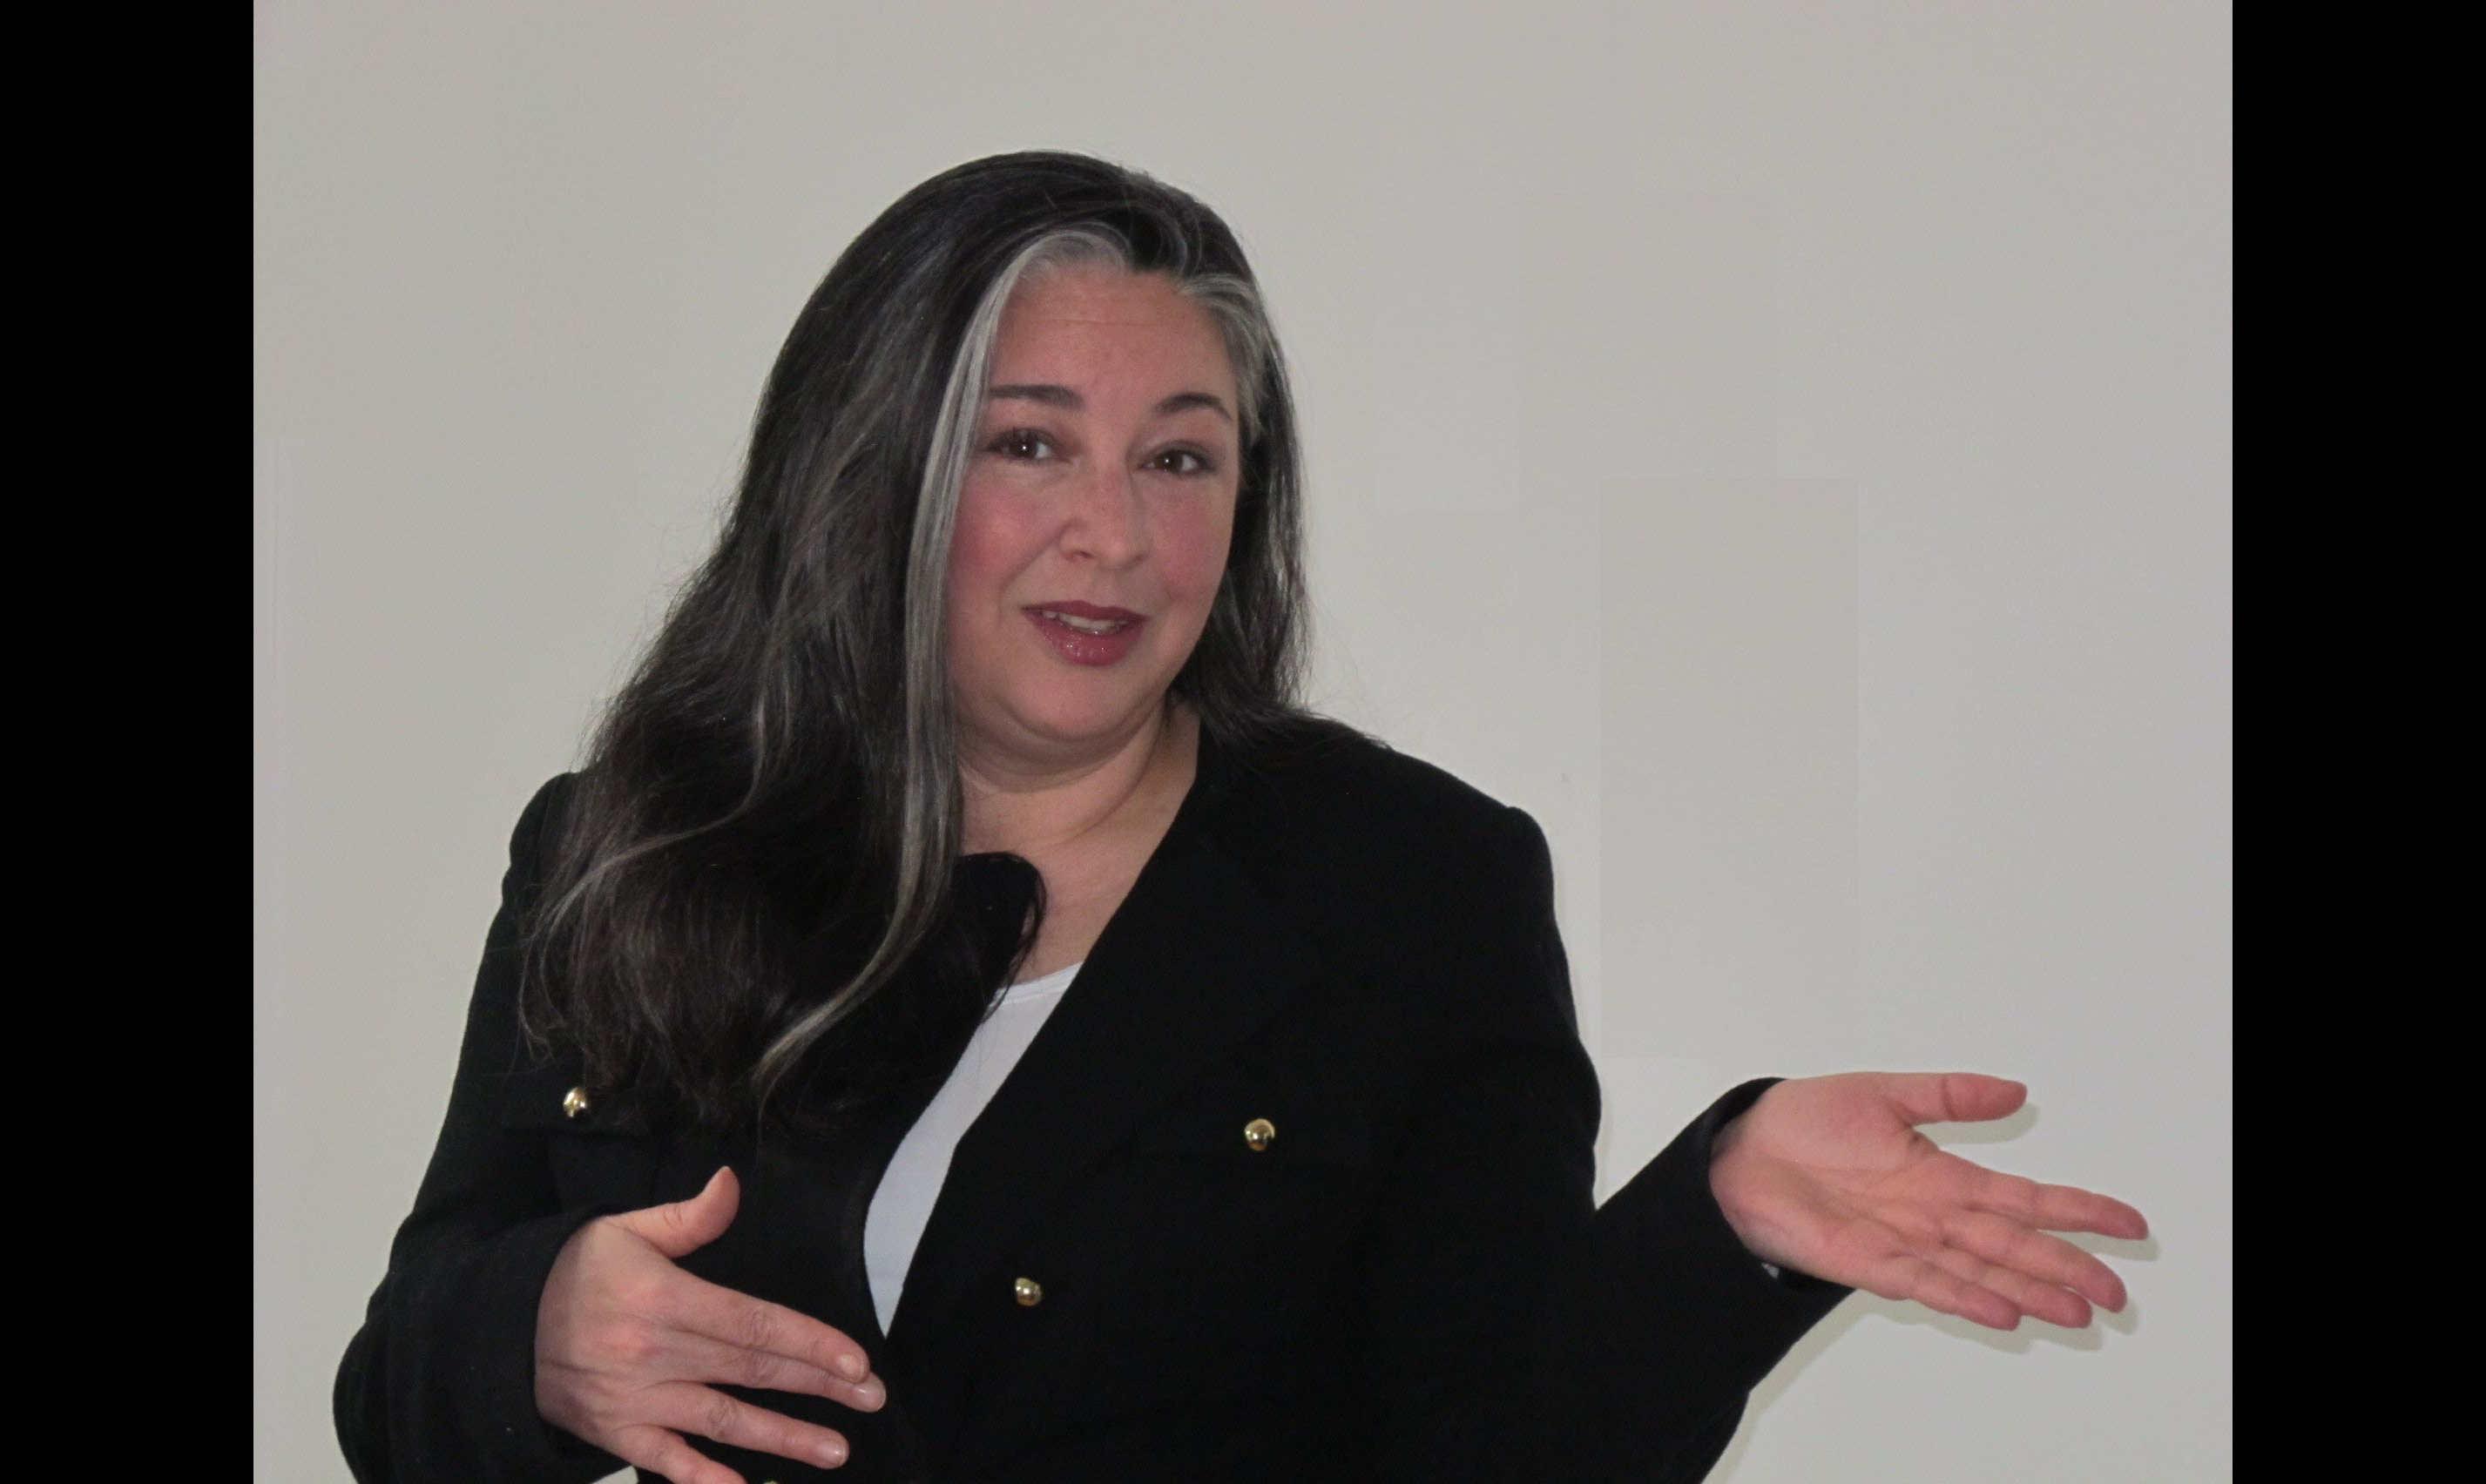 Melanie Heßler, Inhaberin der Kommunikationsberatung PR MarCom